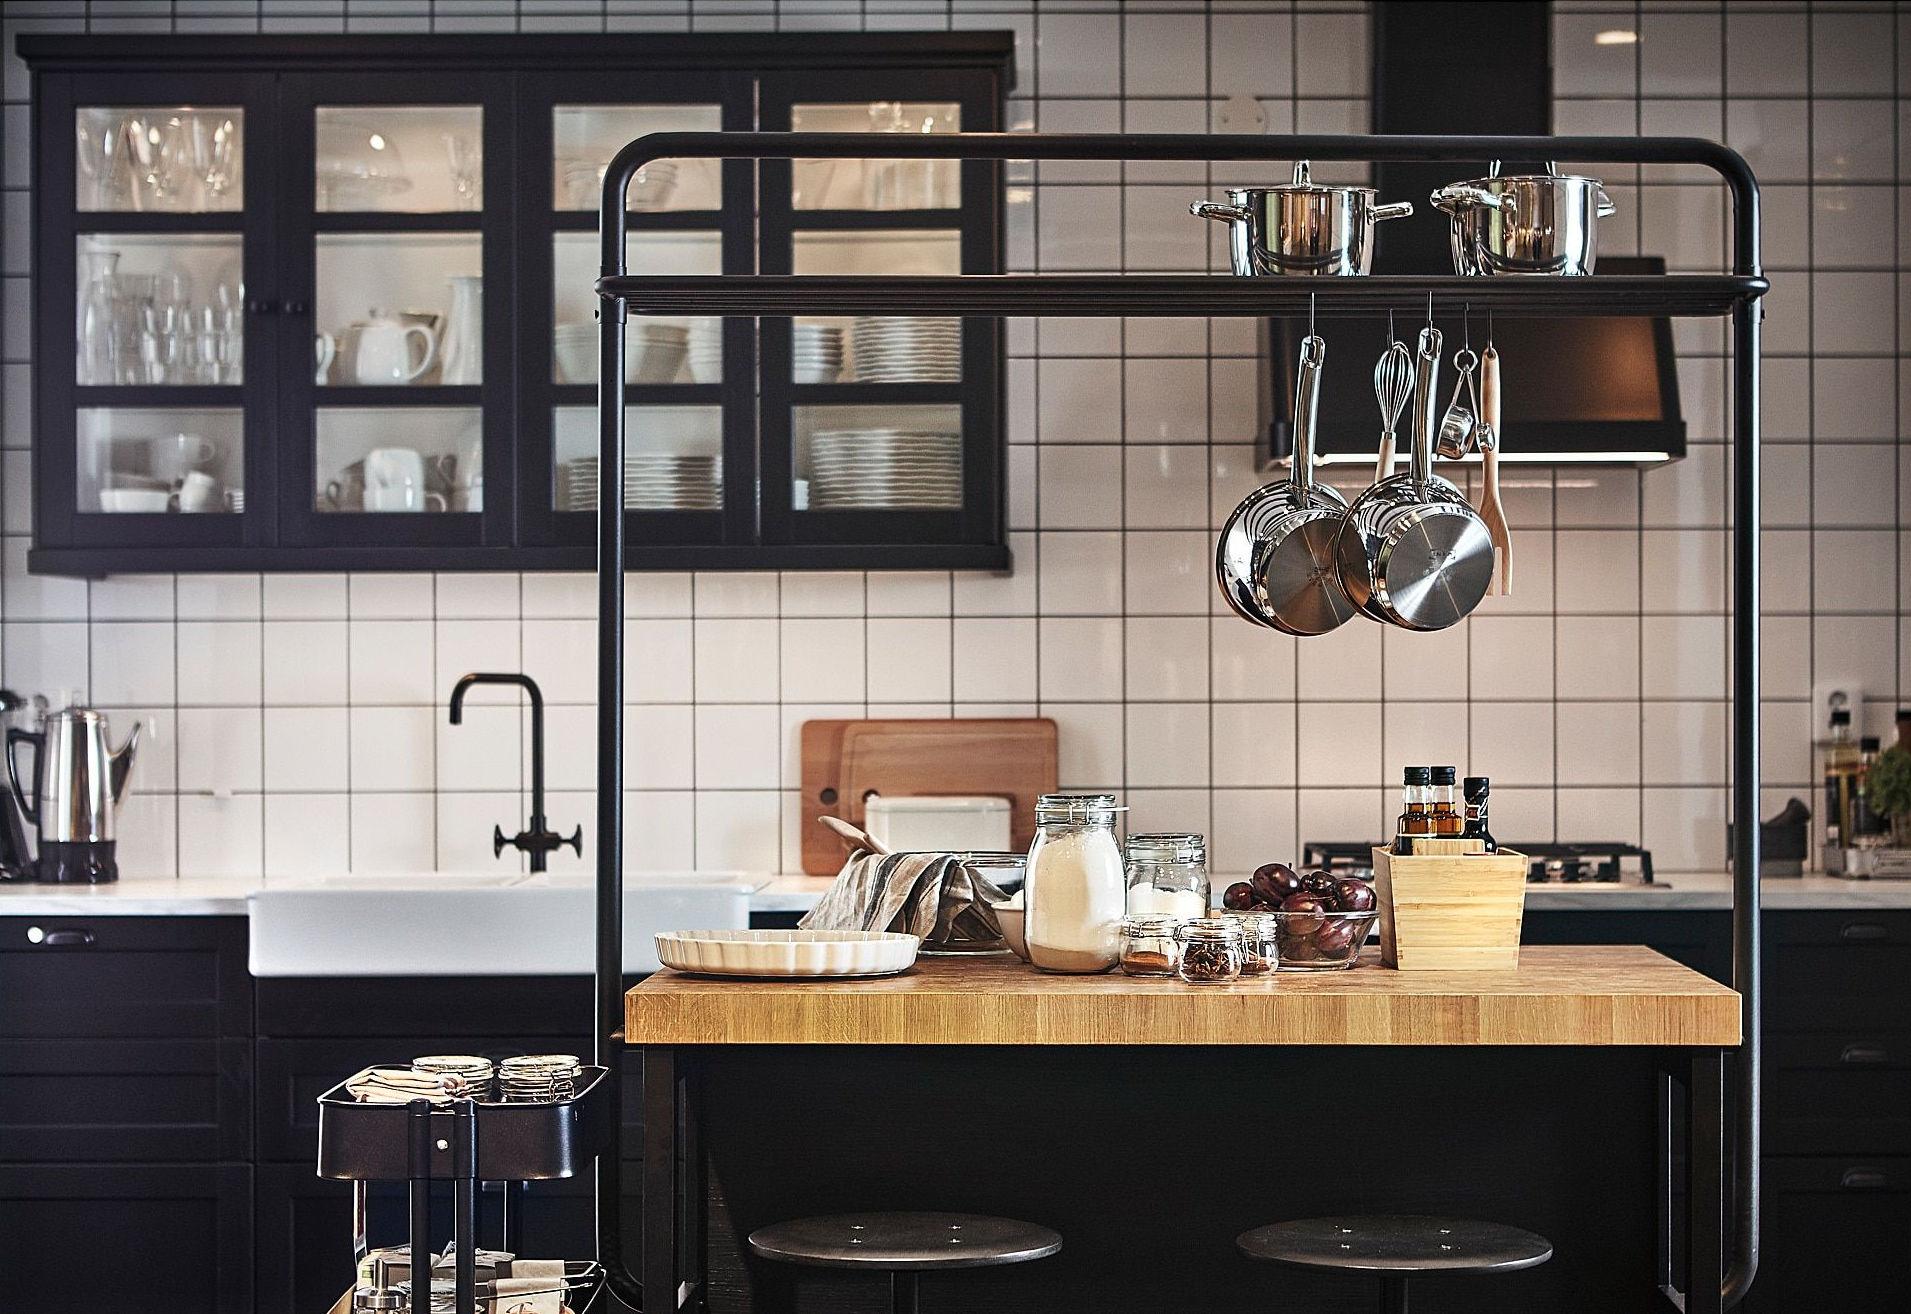 Catalogo Cucine Ikea 2020 Nuove Finiture E Soluzioni Low Budget